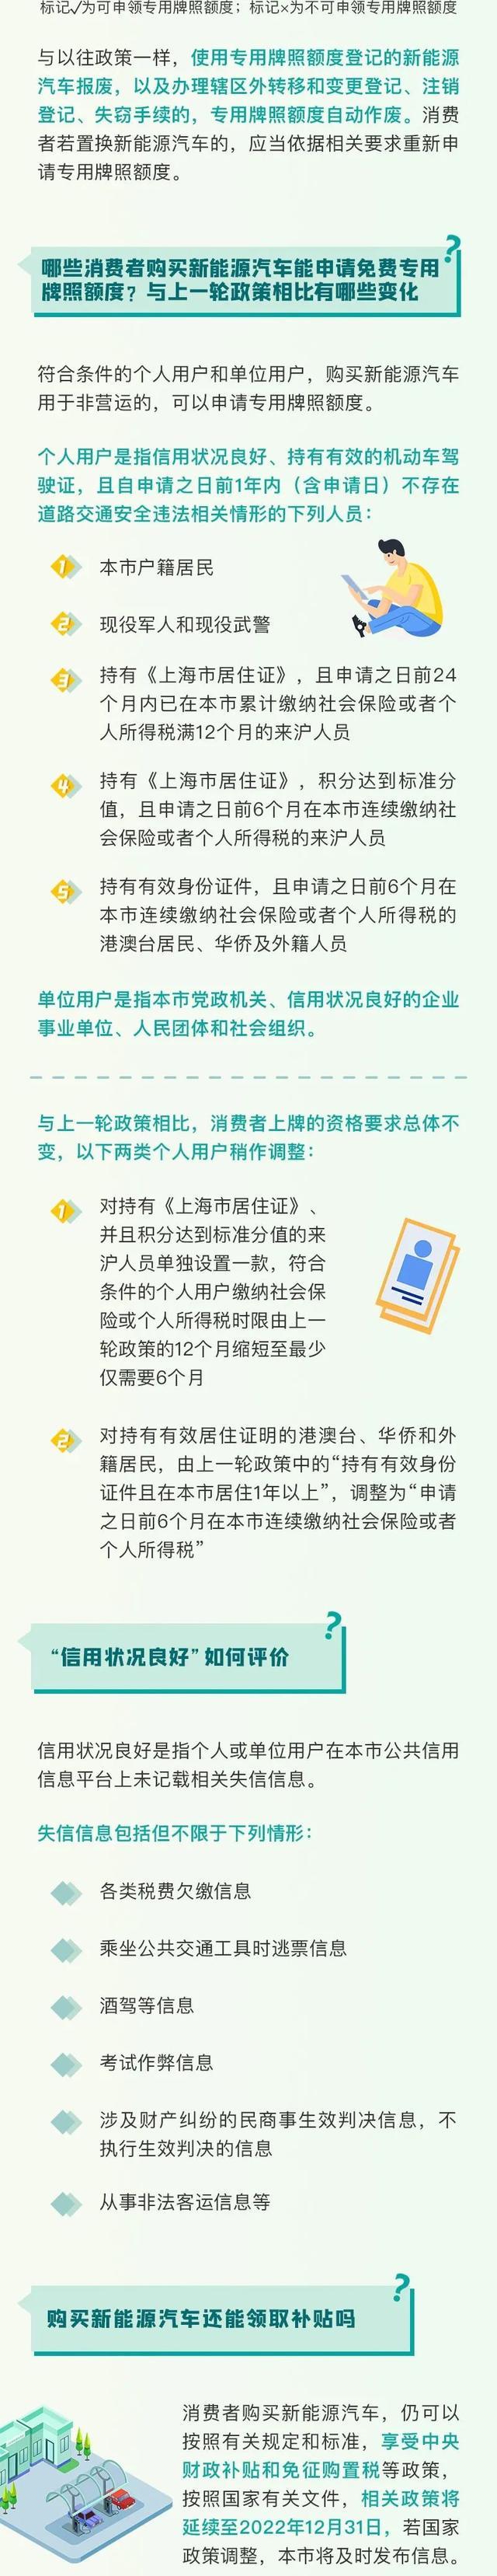 上海公布新一轮鼓励购买和使用新能源汽车实施办法 3月1日起施行